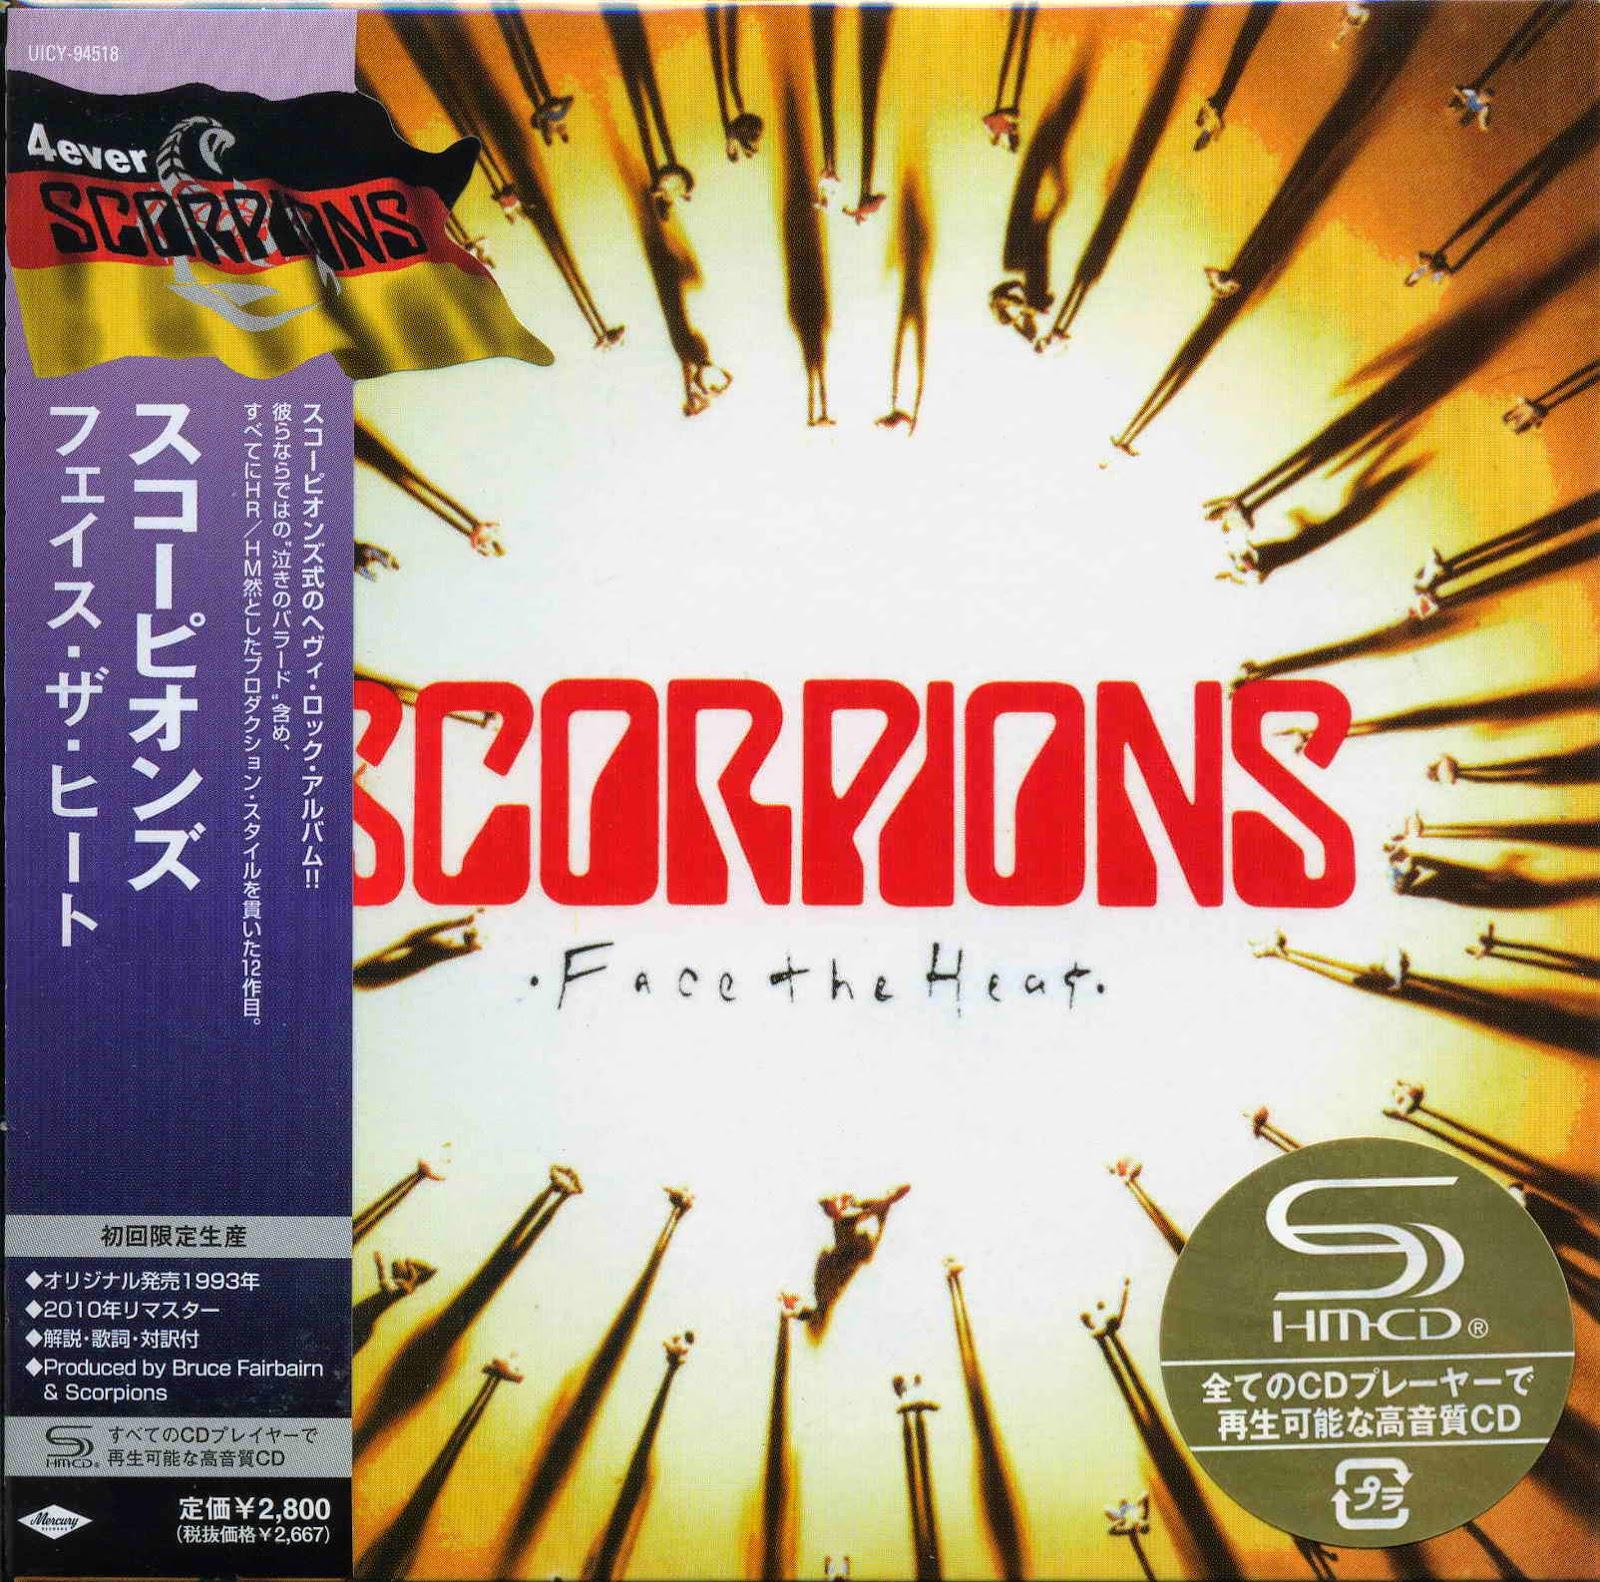 download dvd scorpions acoustica lisboa torrent